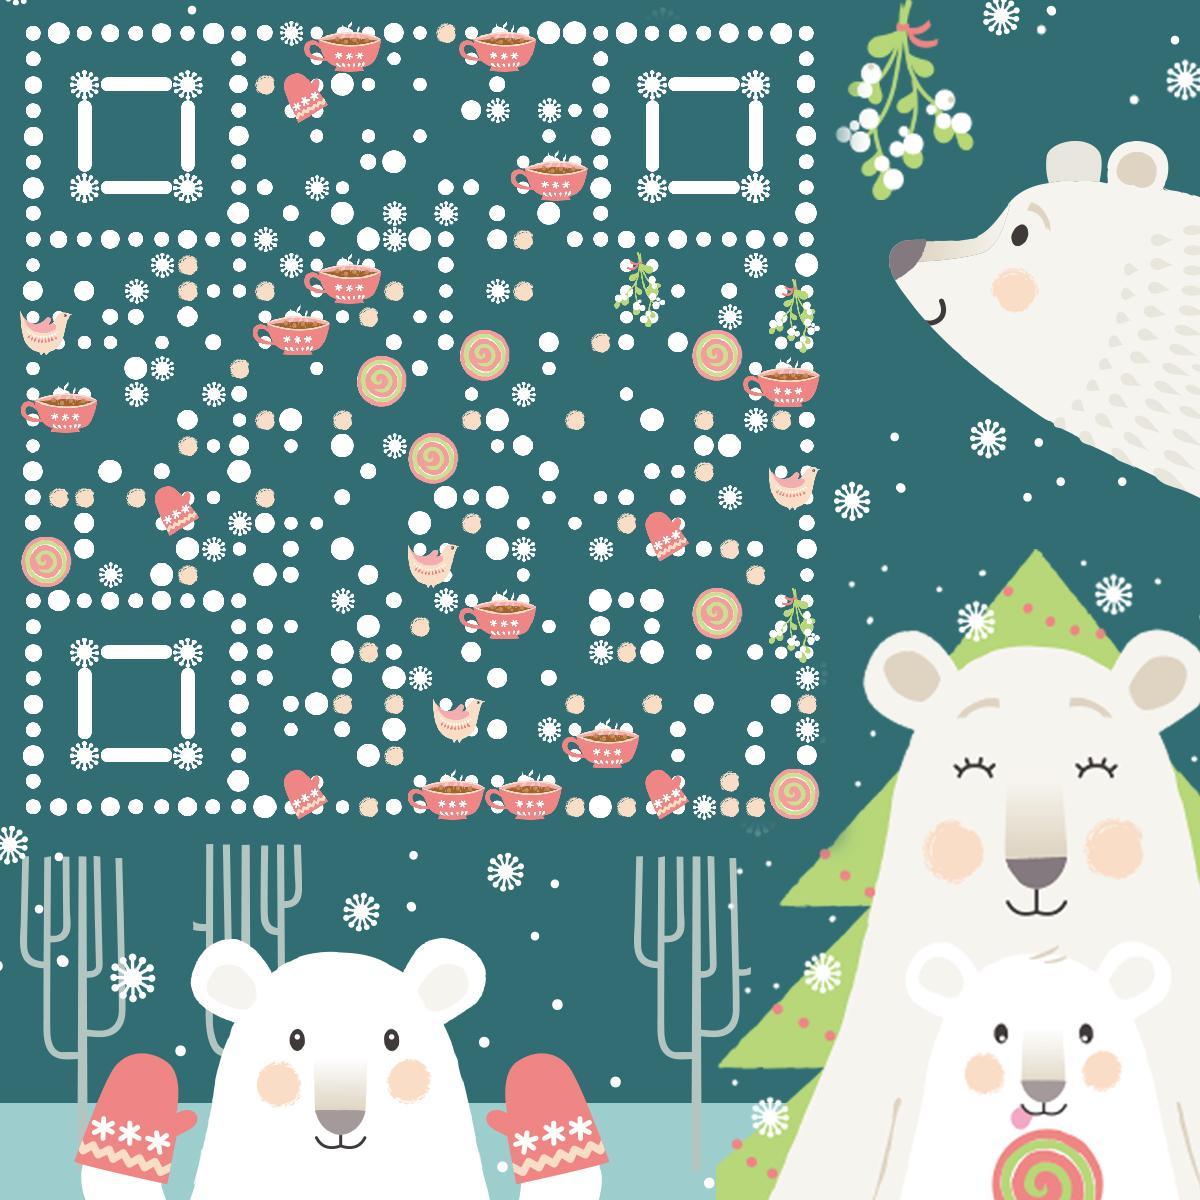 冬天白熊 藝術二維碼